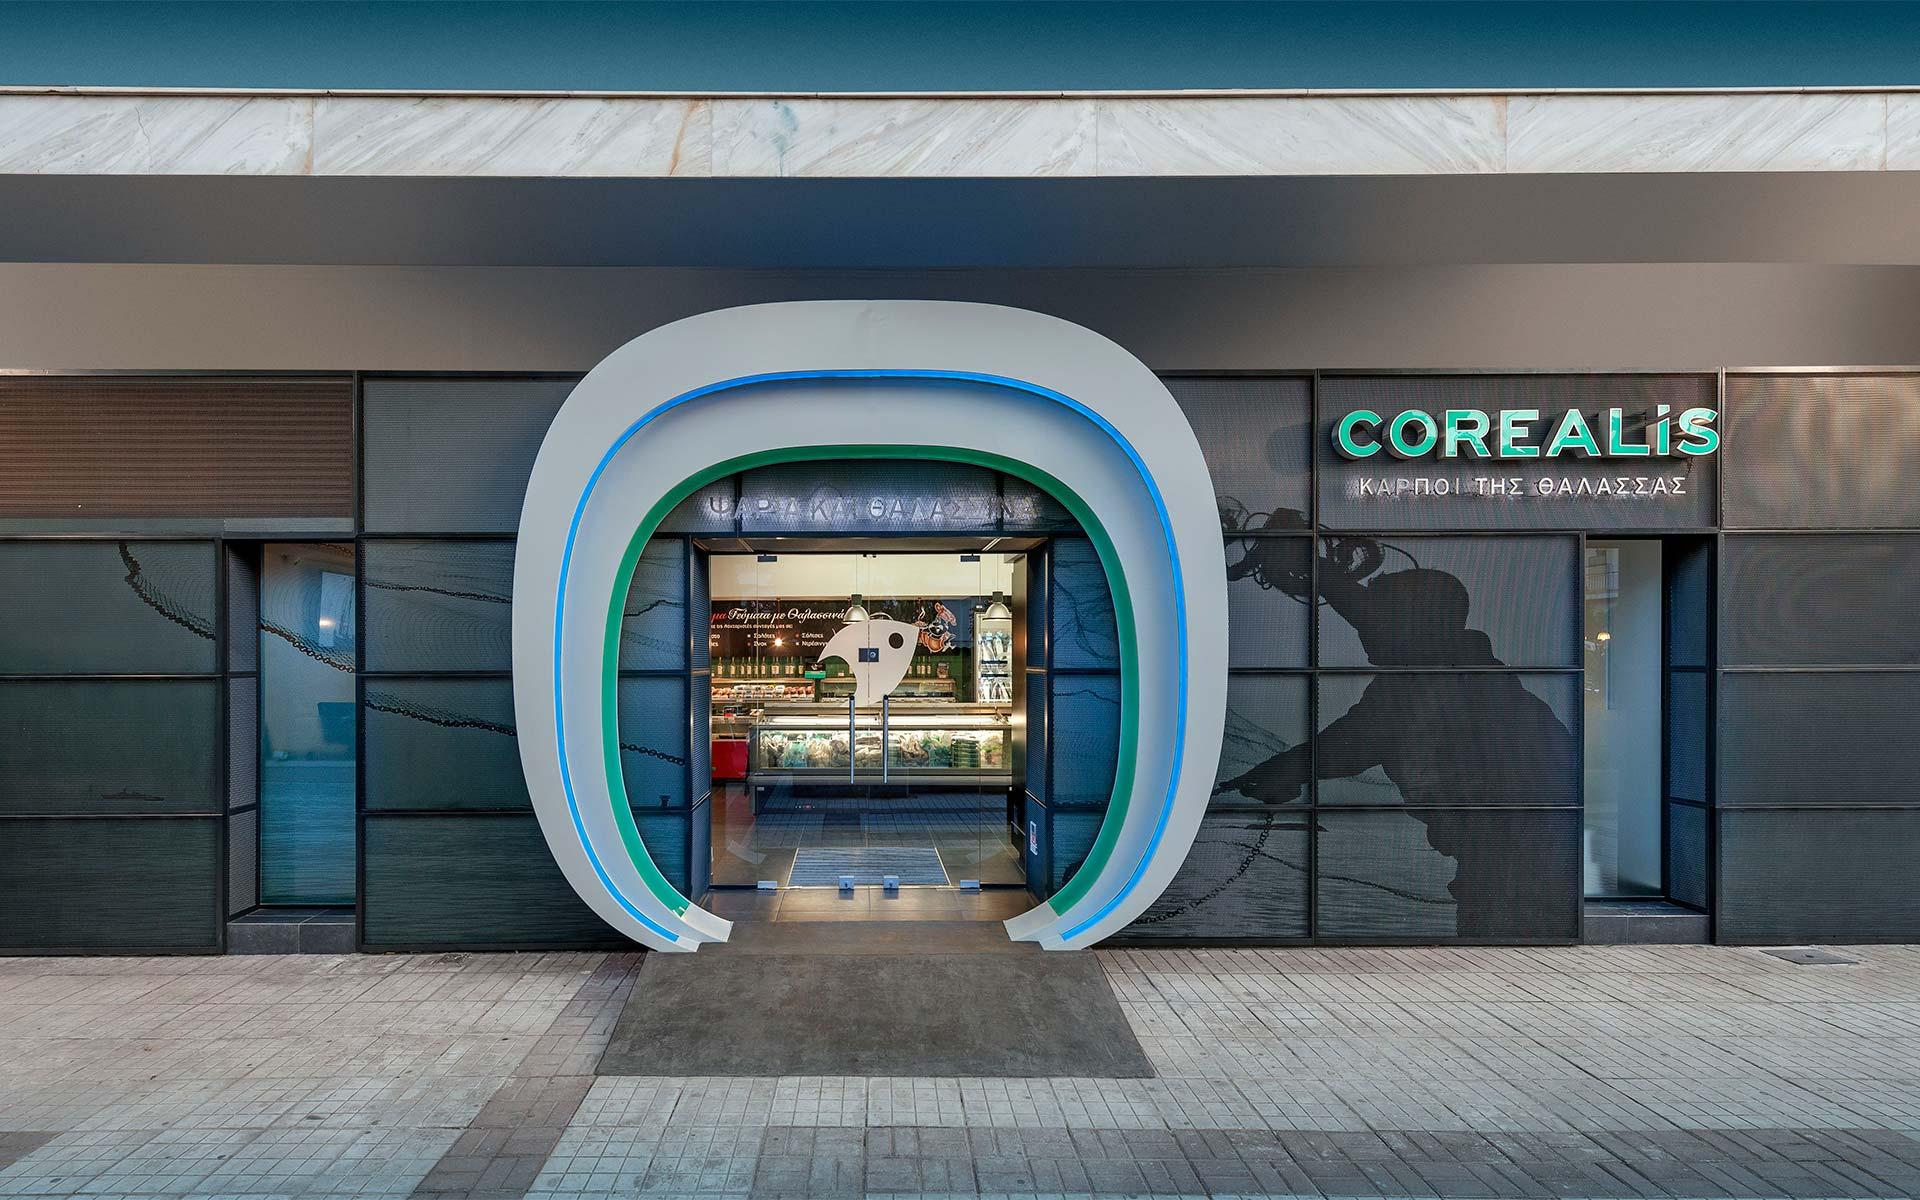 Corealis Moschato exterior facade